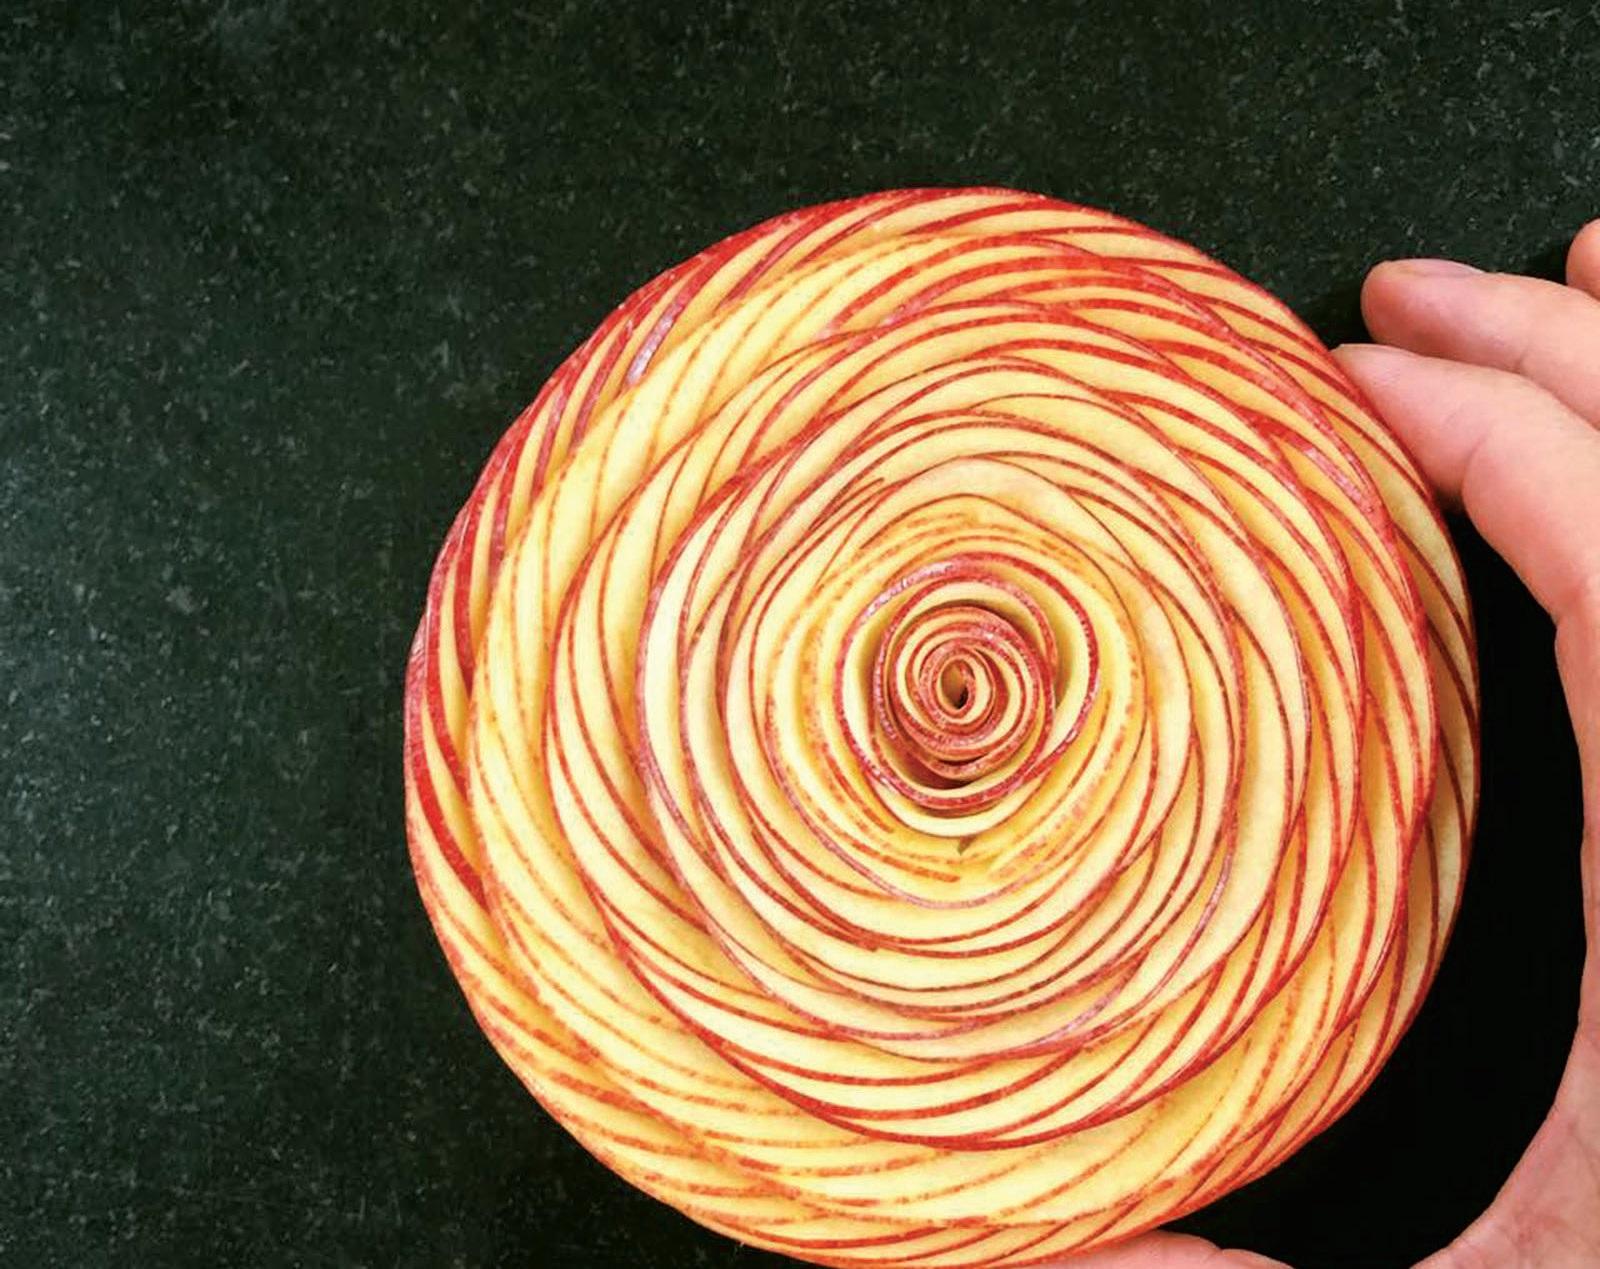 """Žymusis C. Grolet desertas """"Rožė"""" iš tūkstančių ploniausiai sudėliotų obuolių griežinėlių"""